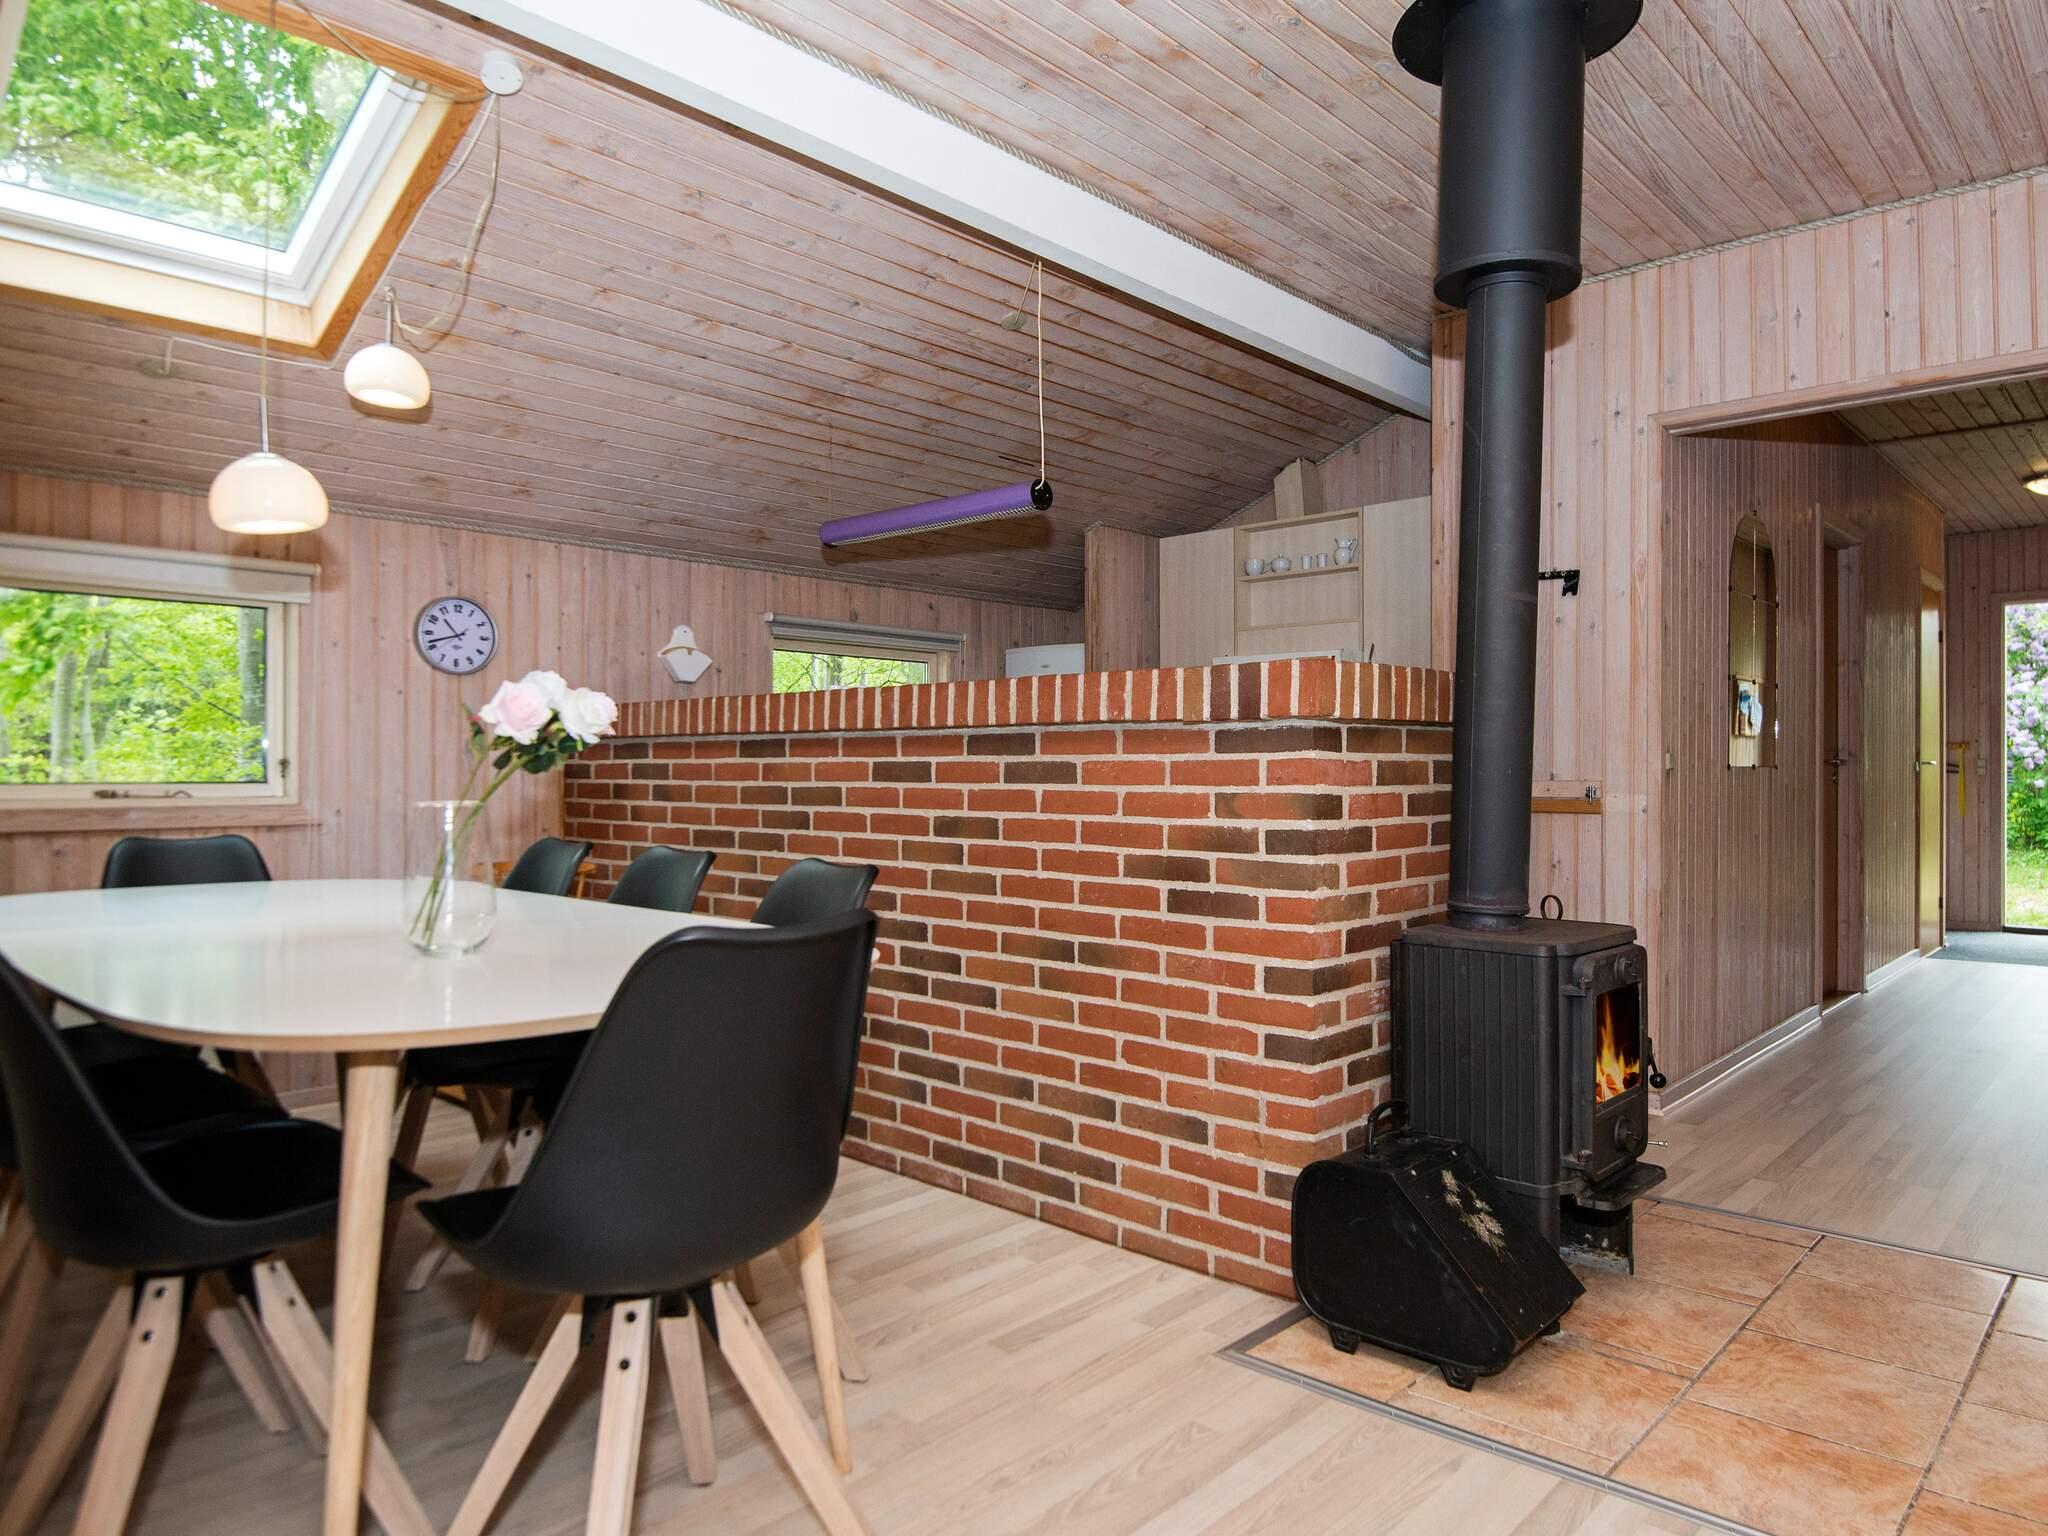 Ferienhaus Arrild (442397), Arrild, , Südjütland, Dänemark, Bild 9